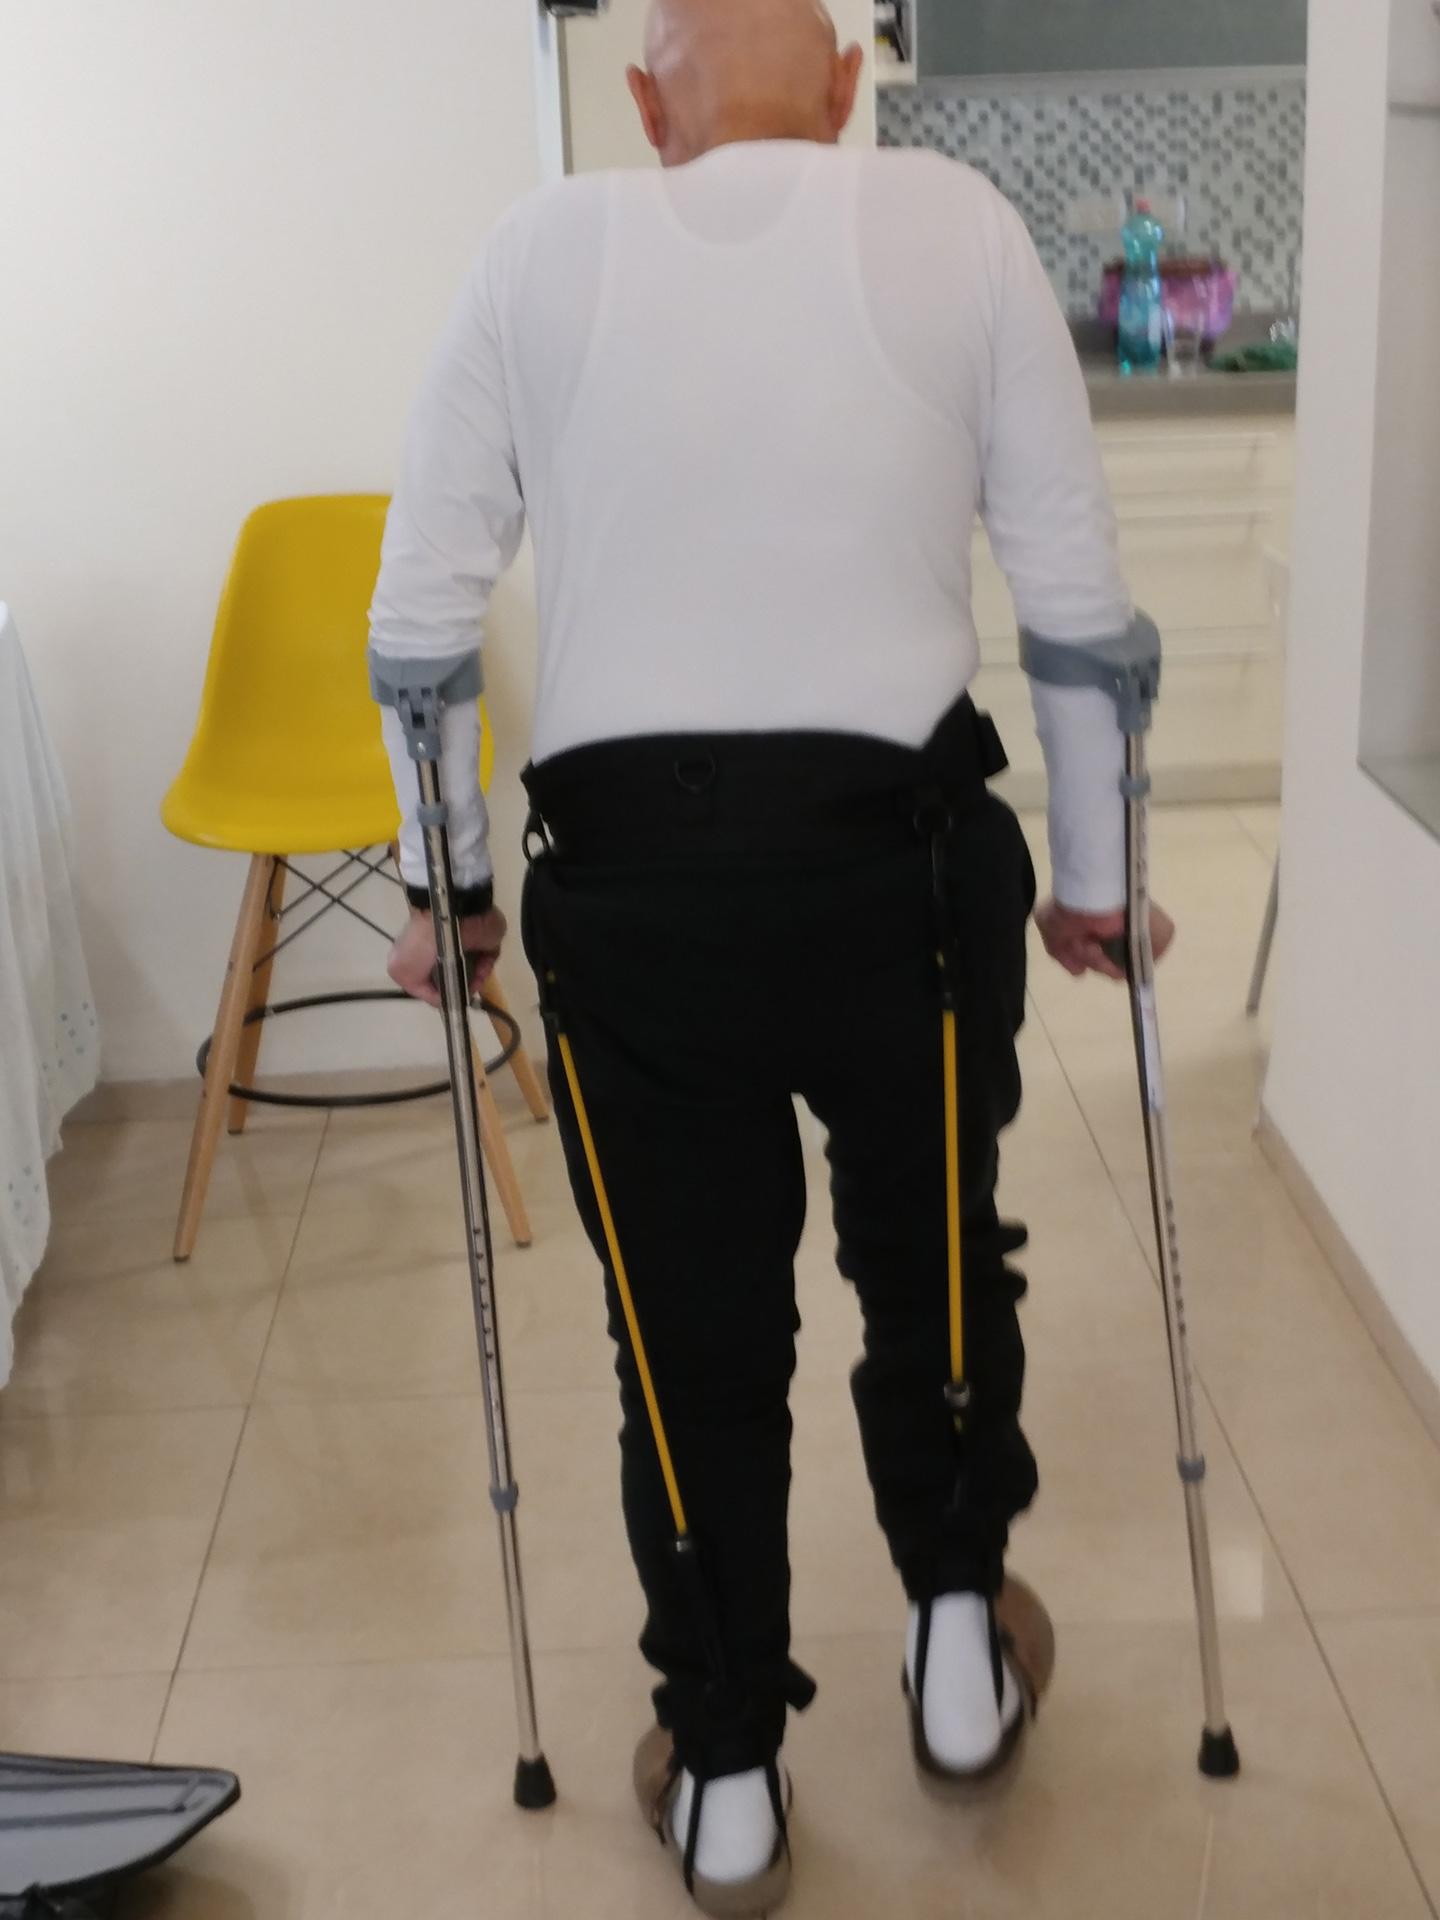 טיפול ושיקום לאוכלוסיה מבוגרת